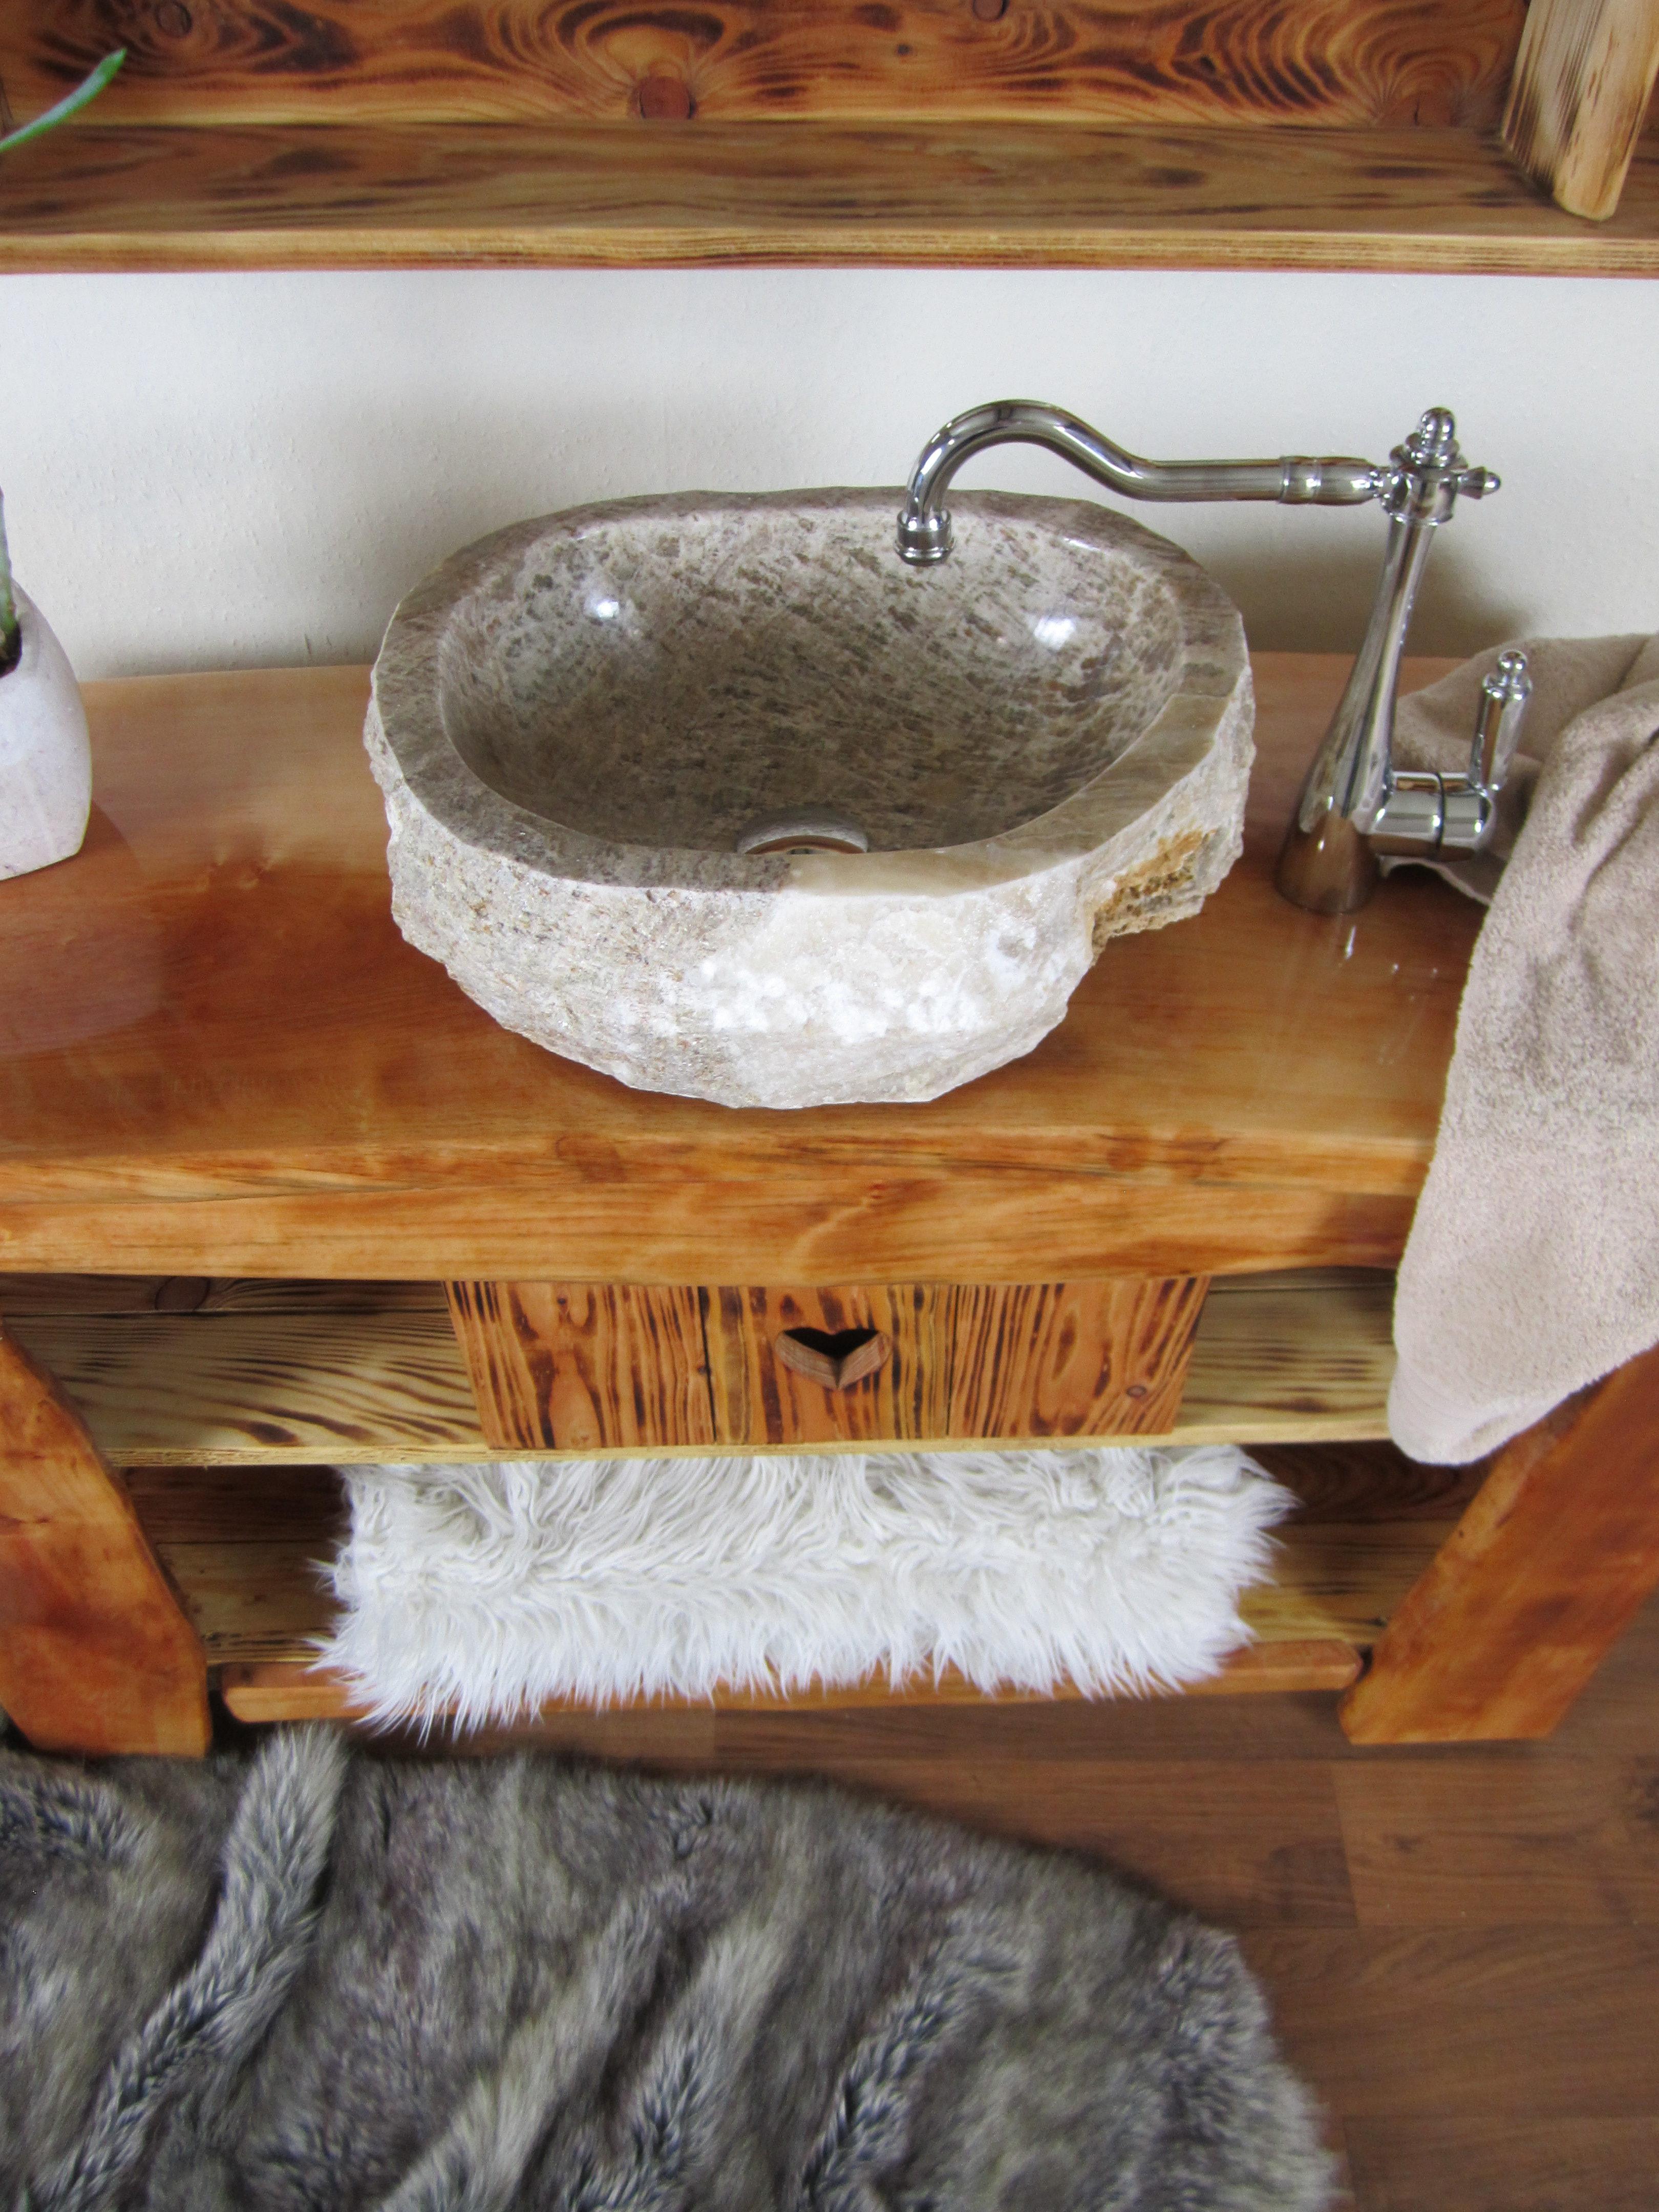 Exquisit Badmöbel Rustikal Dekoration Von Handgefertigtes Badmöbel - Calin Chaud